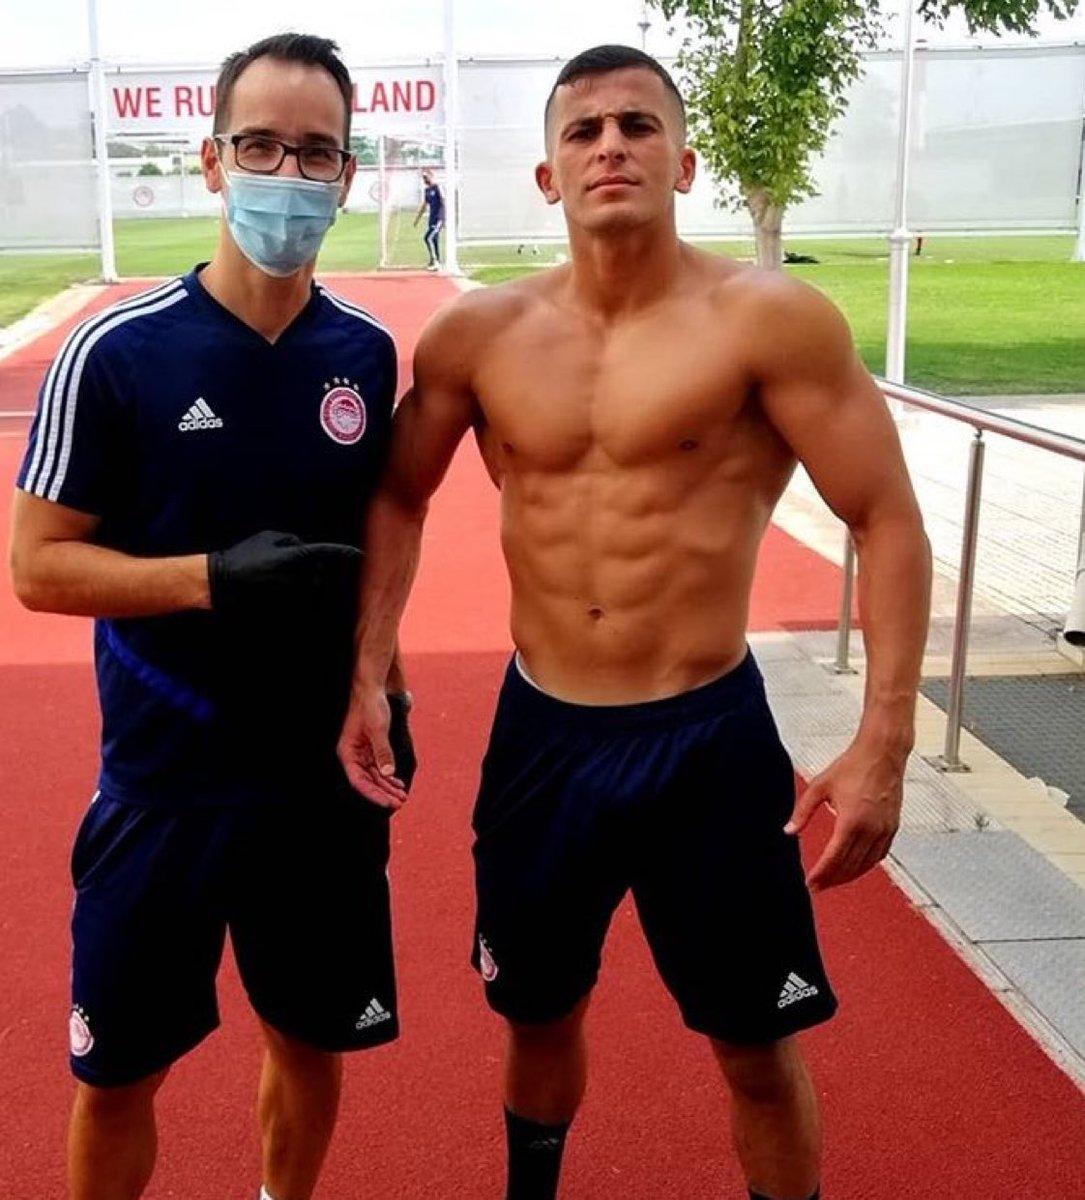 📸 Galatasaray'ın yeni sağ beki olması beklenen Omar Elabdellaoui'nin vücudu. https://t.co/lEwbXsaqIl